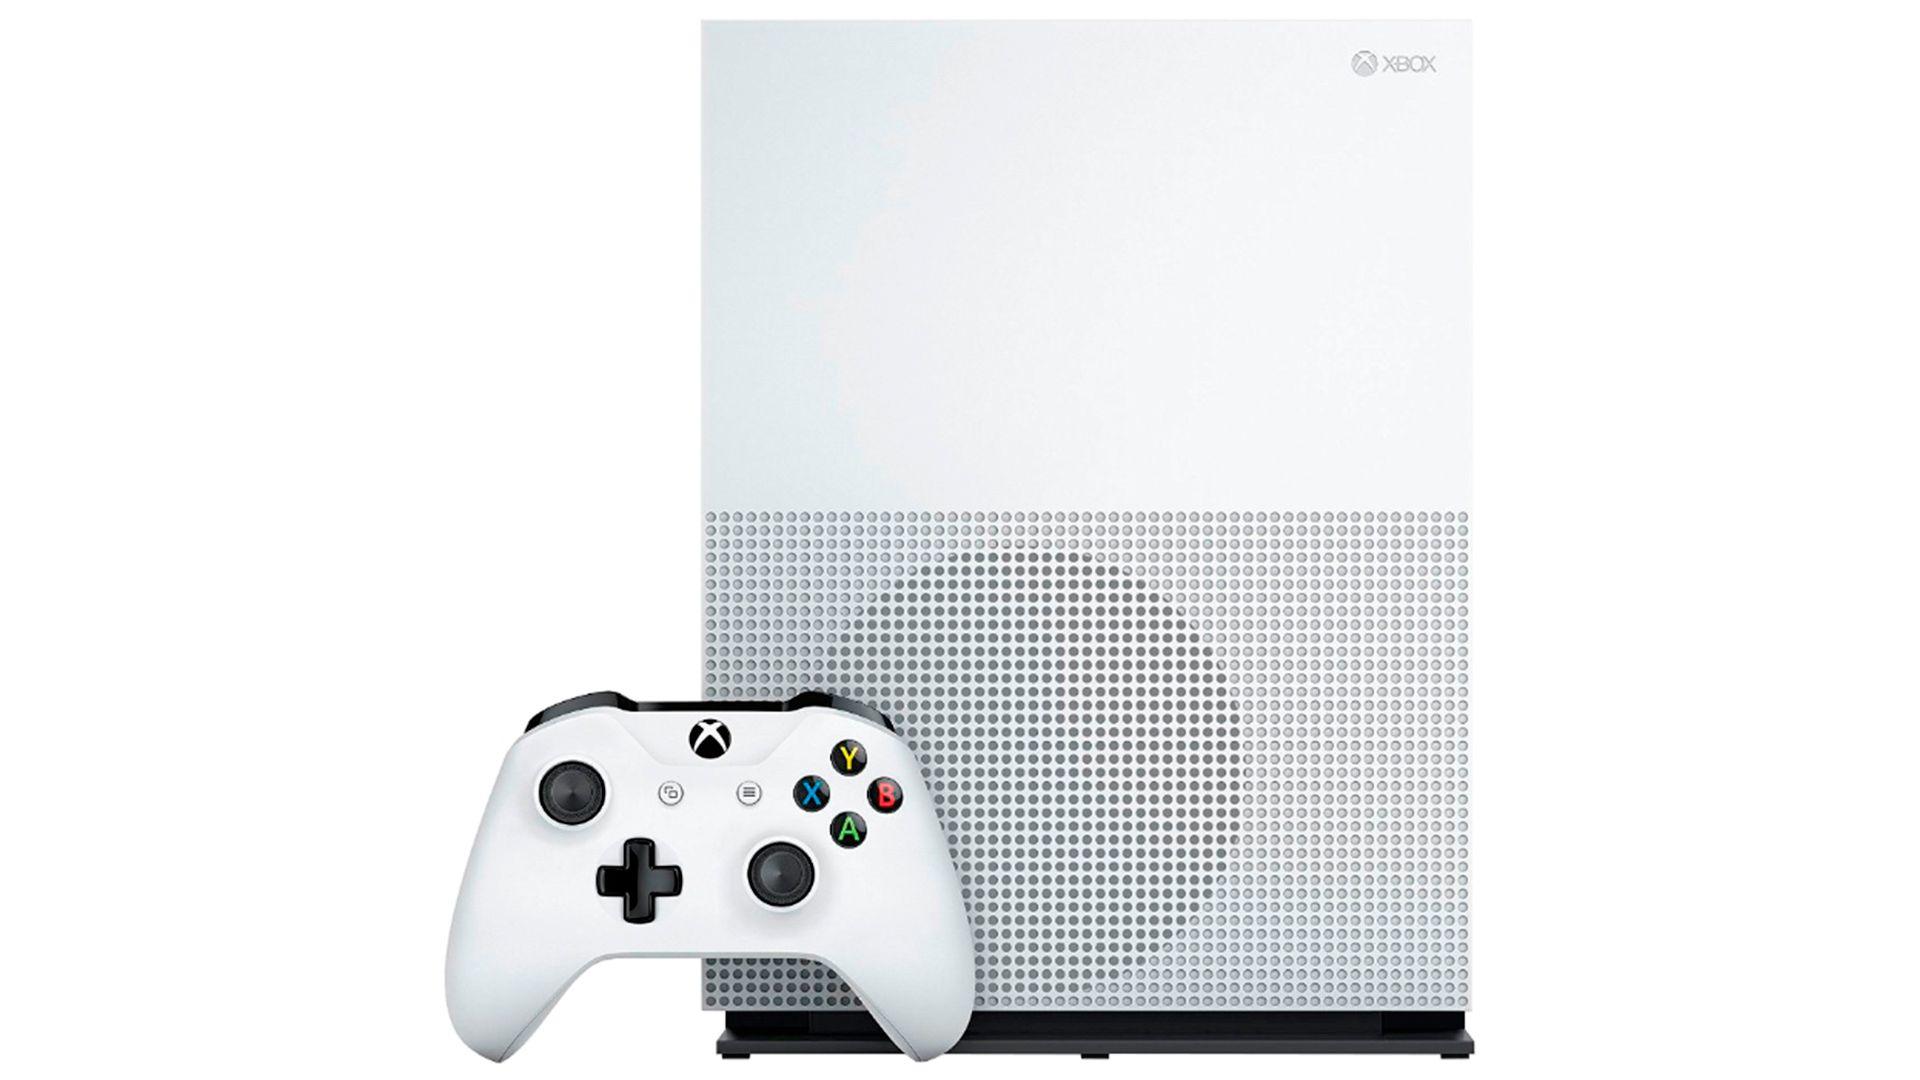 Xbox One S 1Tb 2 джойстика и FIFA 17 изображение 0